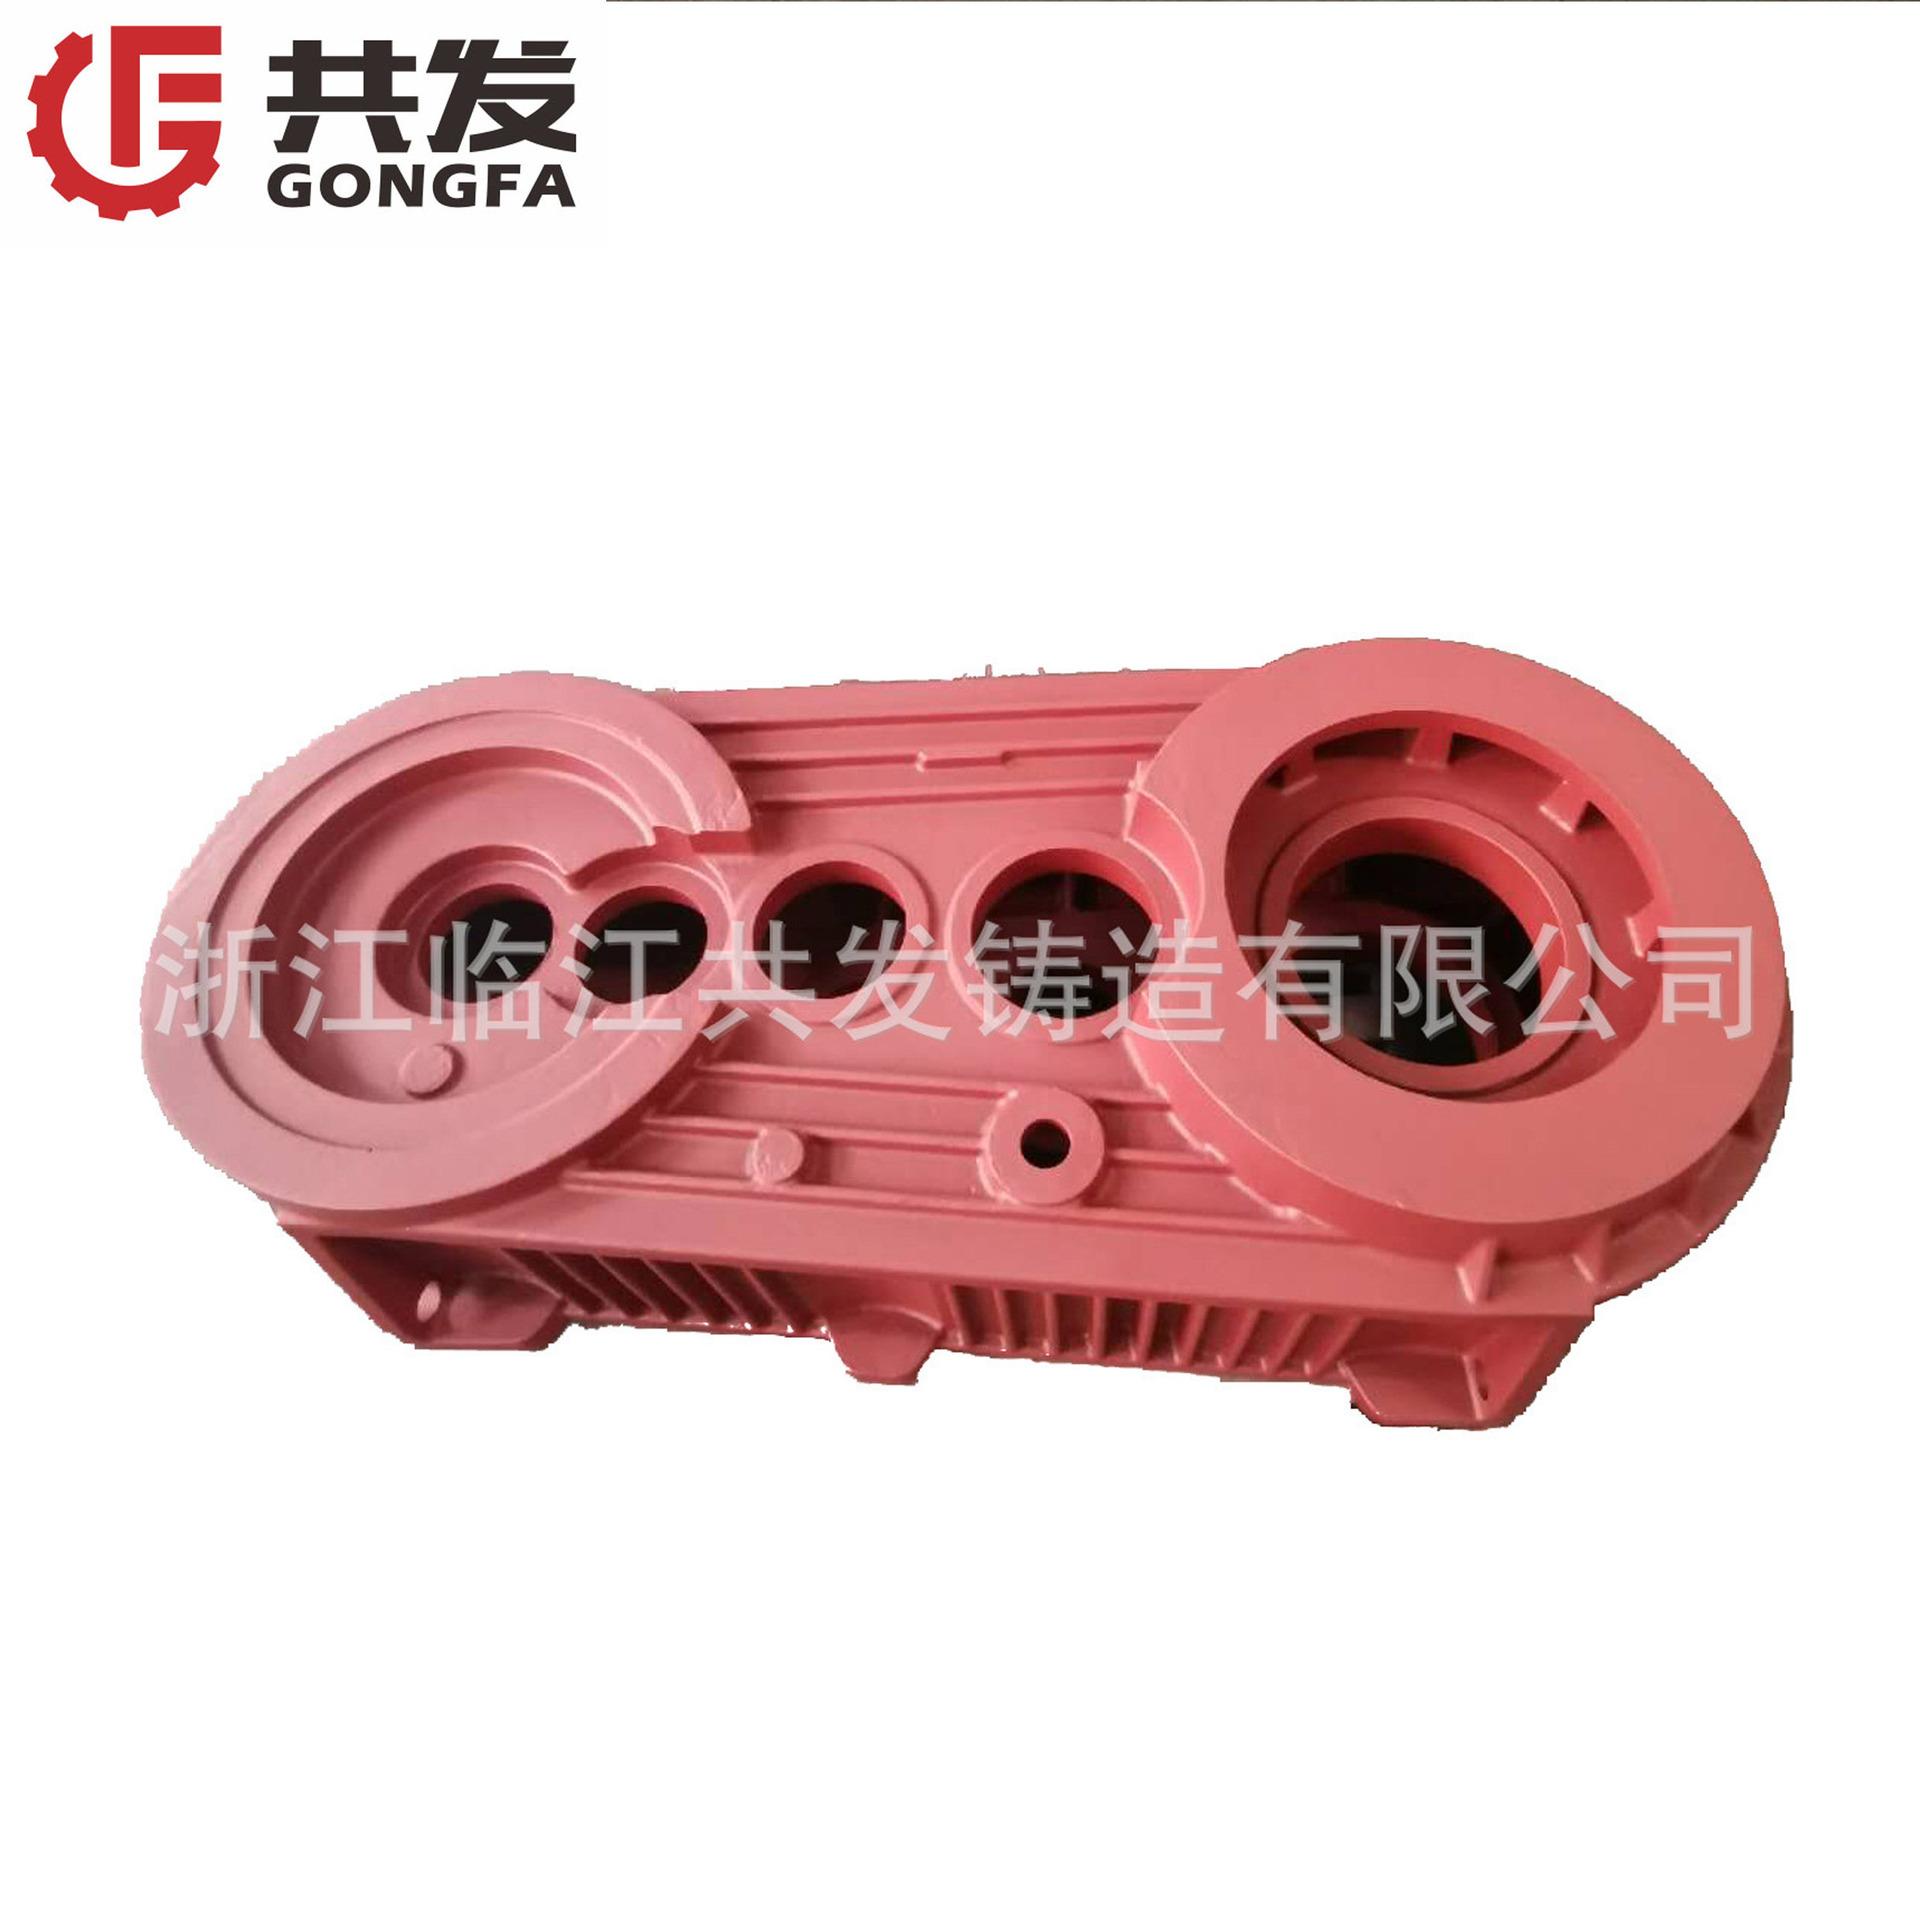 大型必威体育直播平台减速箱HT250铸造回火铸铁件质量可靠材质保证交期准时